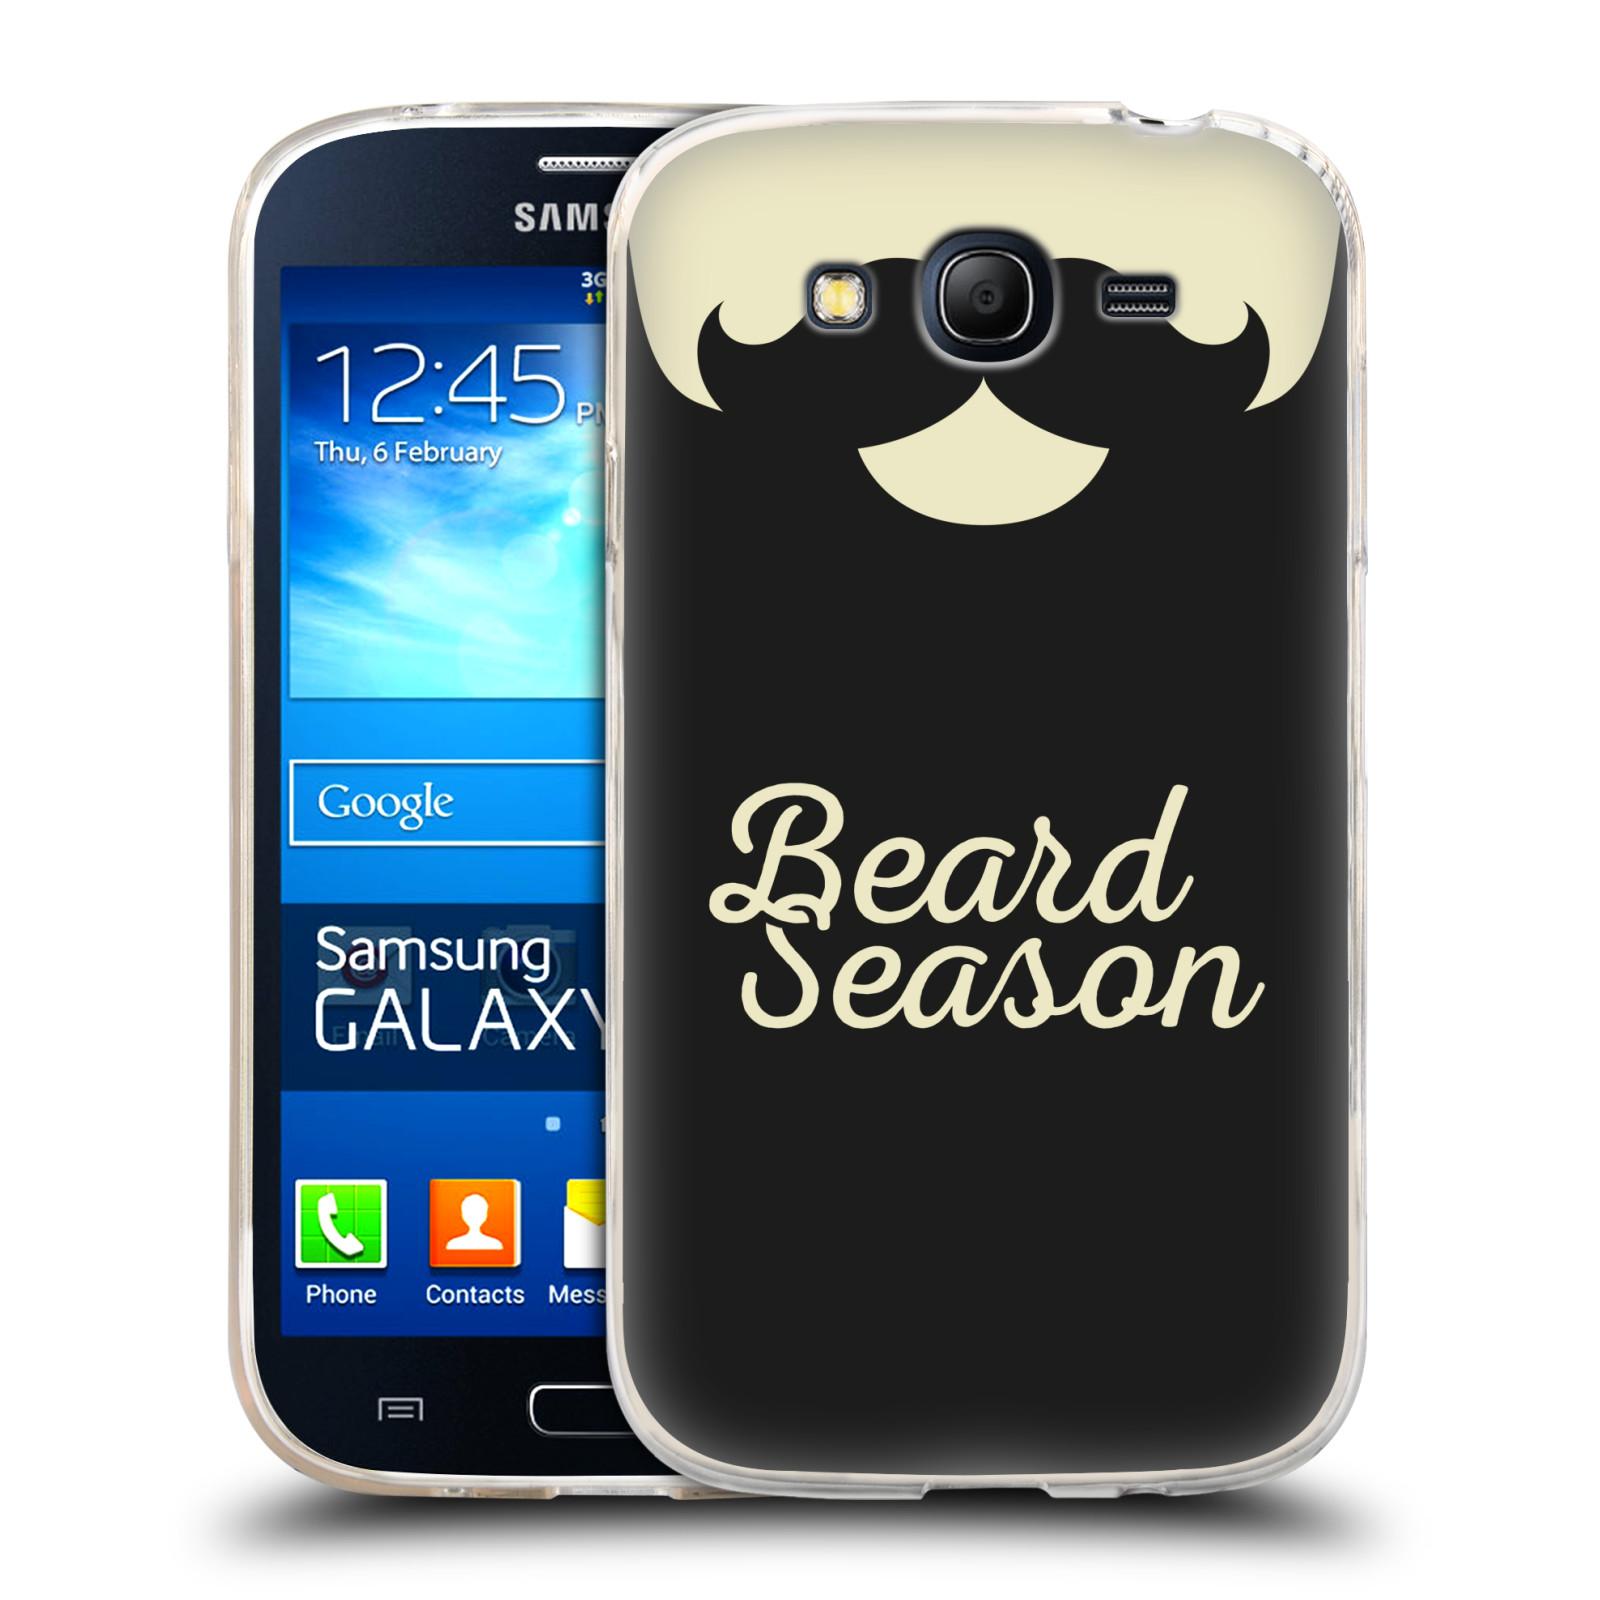 Silikonové pouzdro na mobil Samsung Galaxy Grand Neo HEAD CASE KNÍR BEARD SEASON (Silikonový kryt či obal na mobilní telefon Samsung Galaxy Grand Neo GT-I9060)